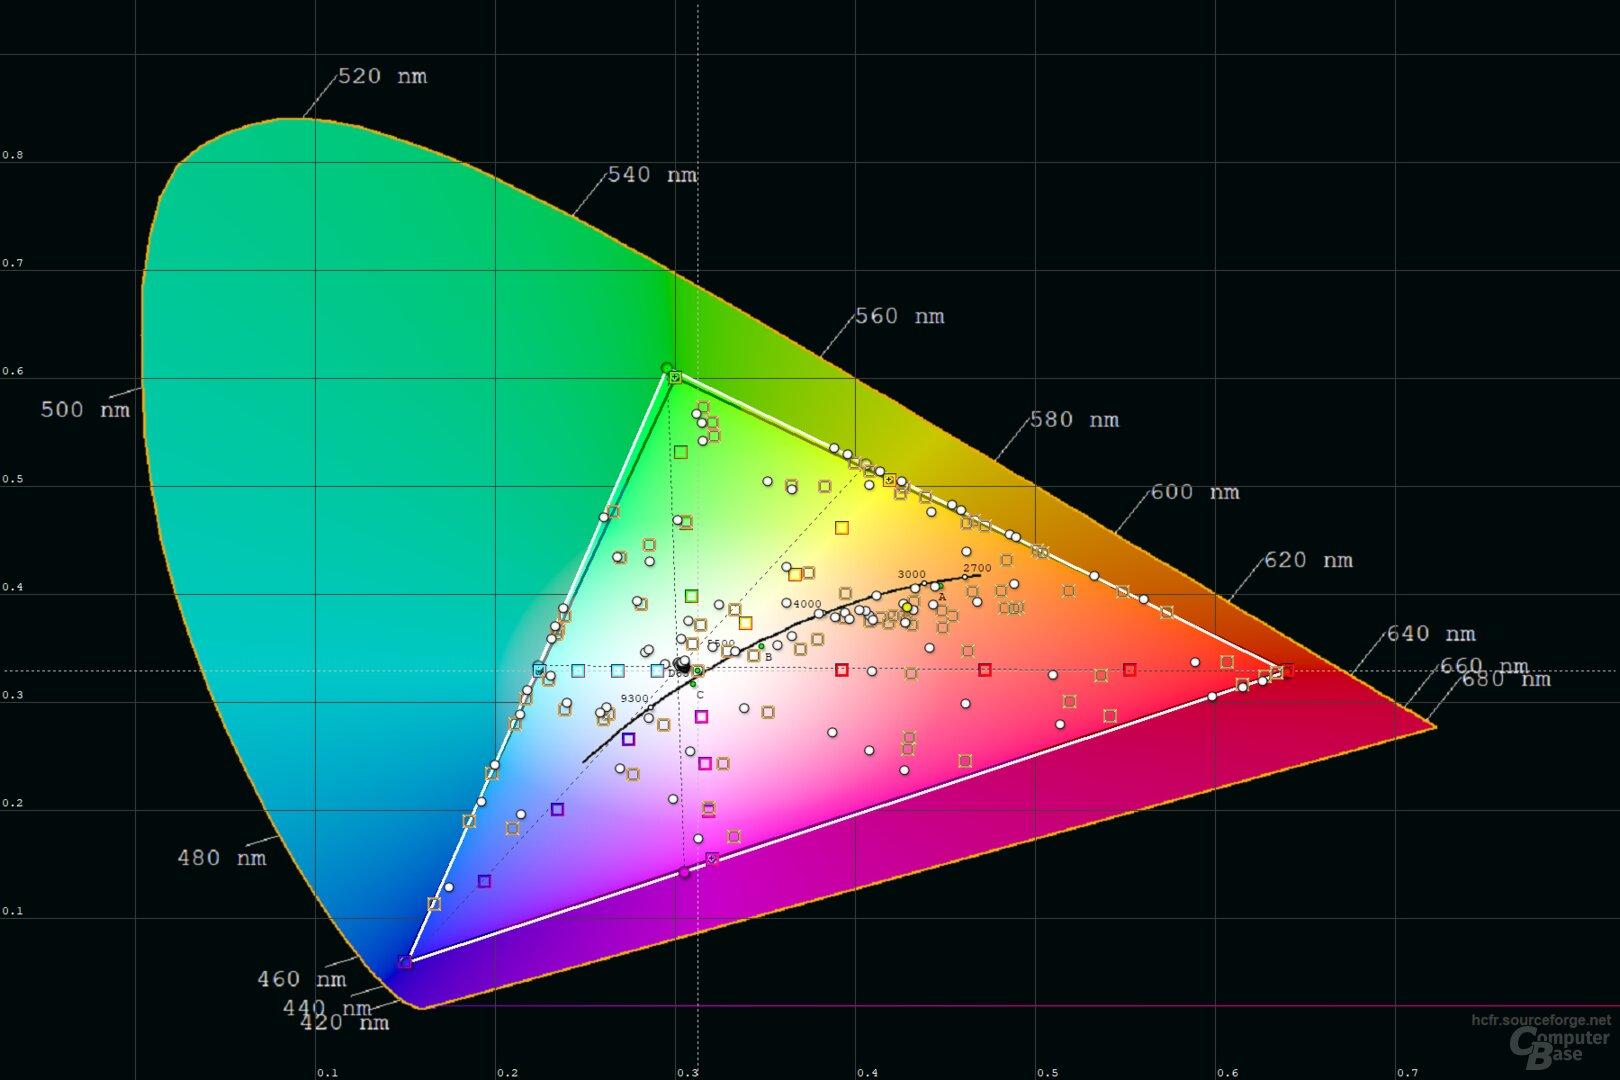 Farbtreue des LG OLED 48CX in HCFR im Modus Filmmaker